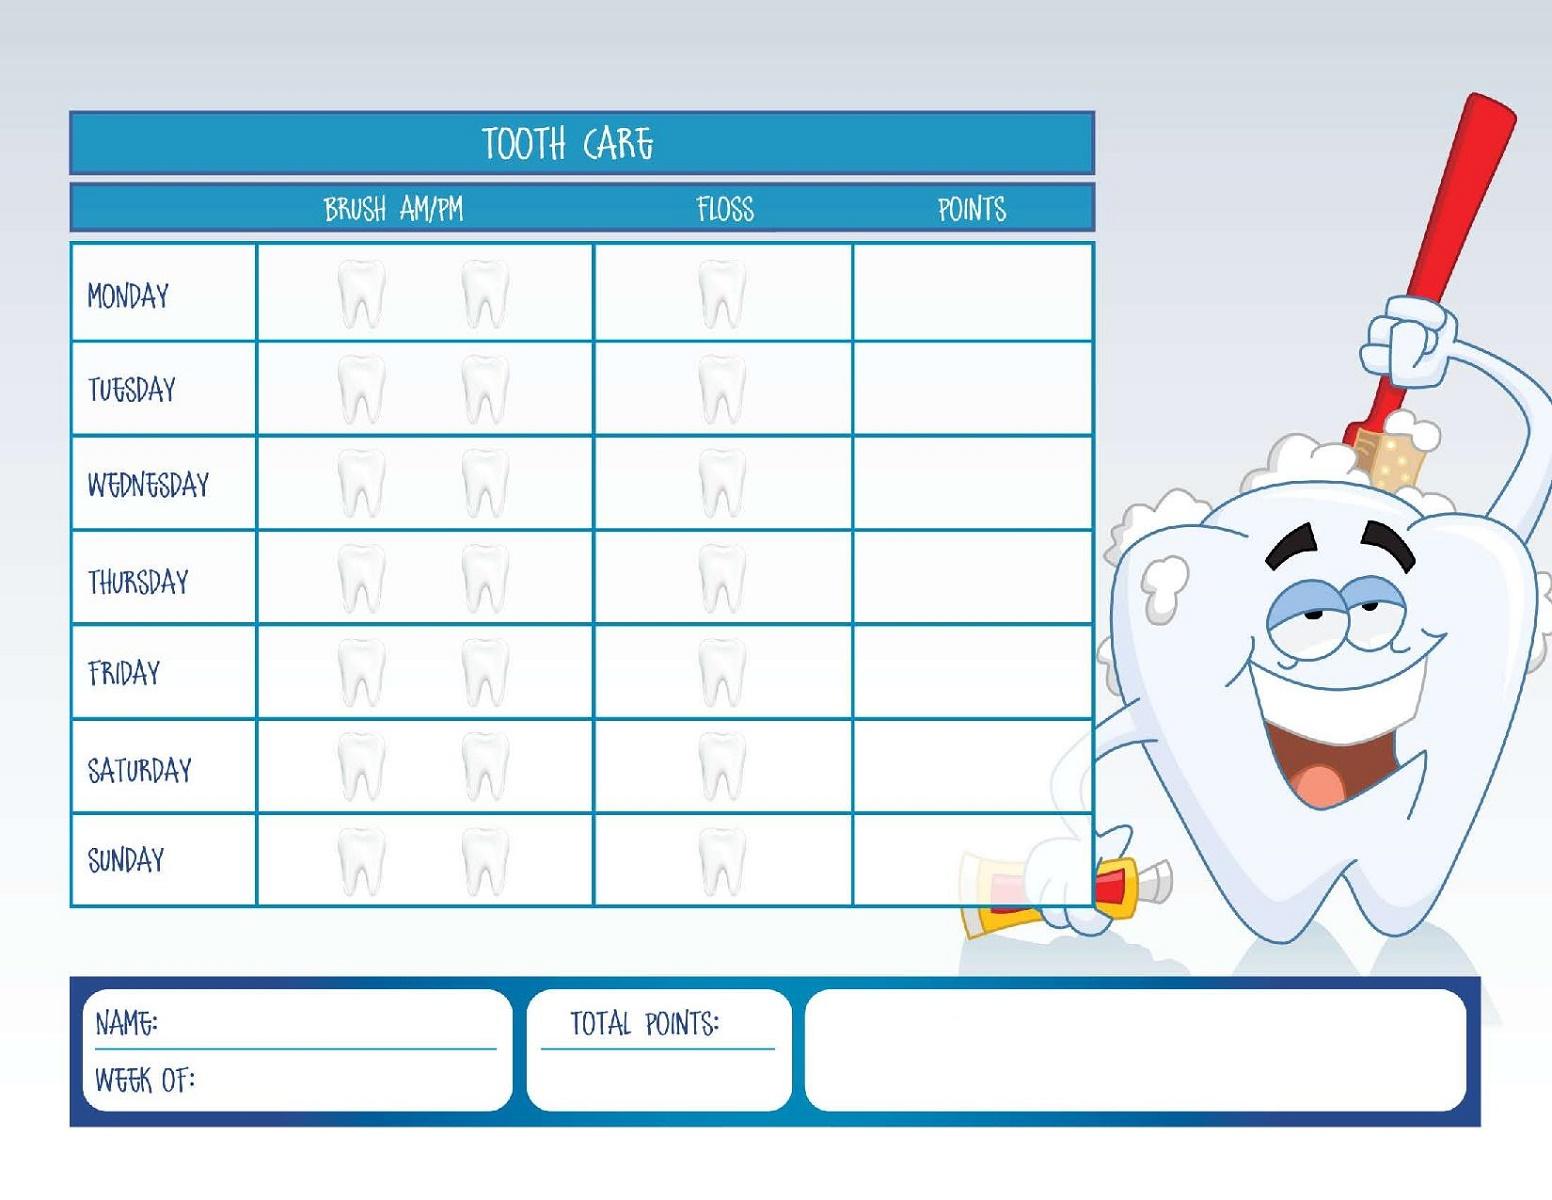 Childrens Reward Chart Tooth Brushing